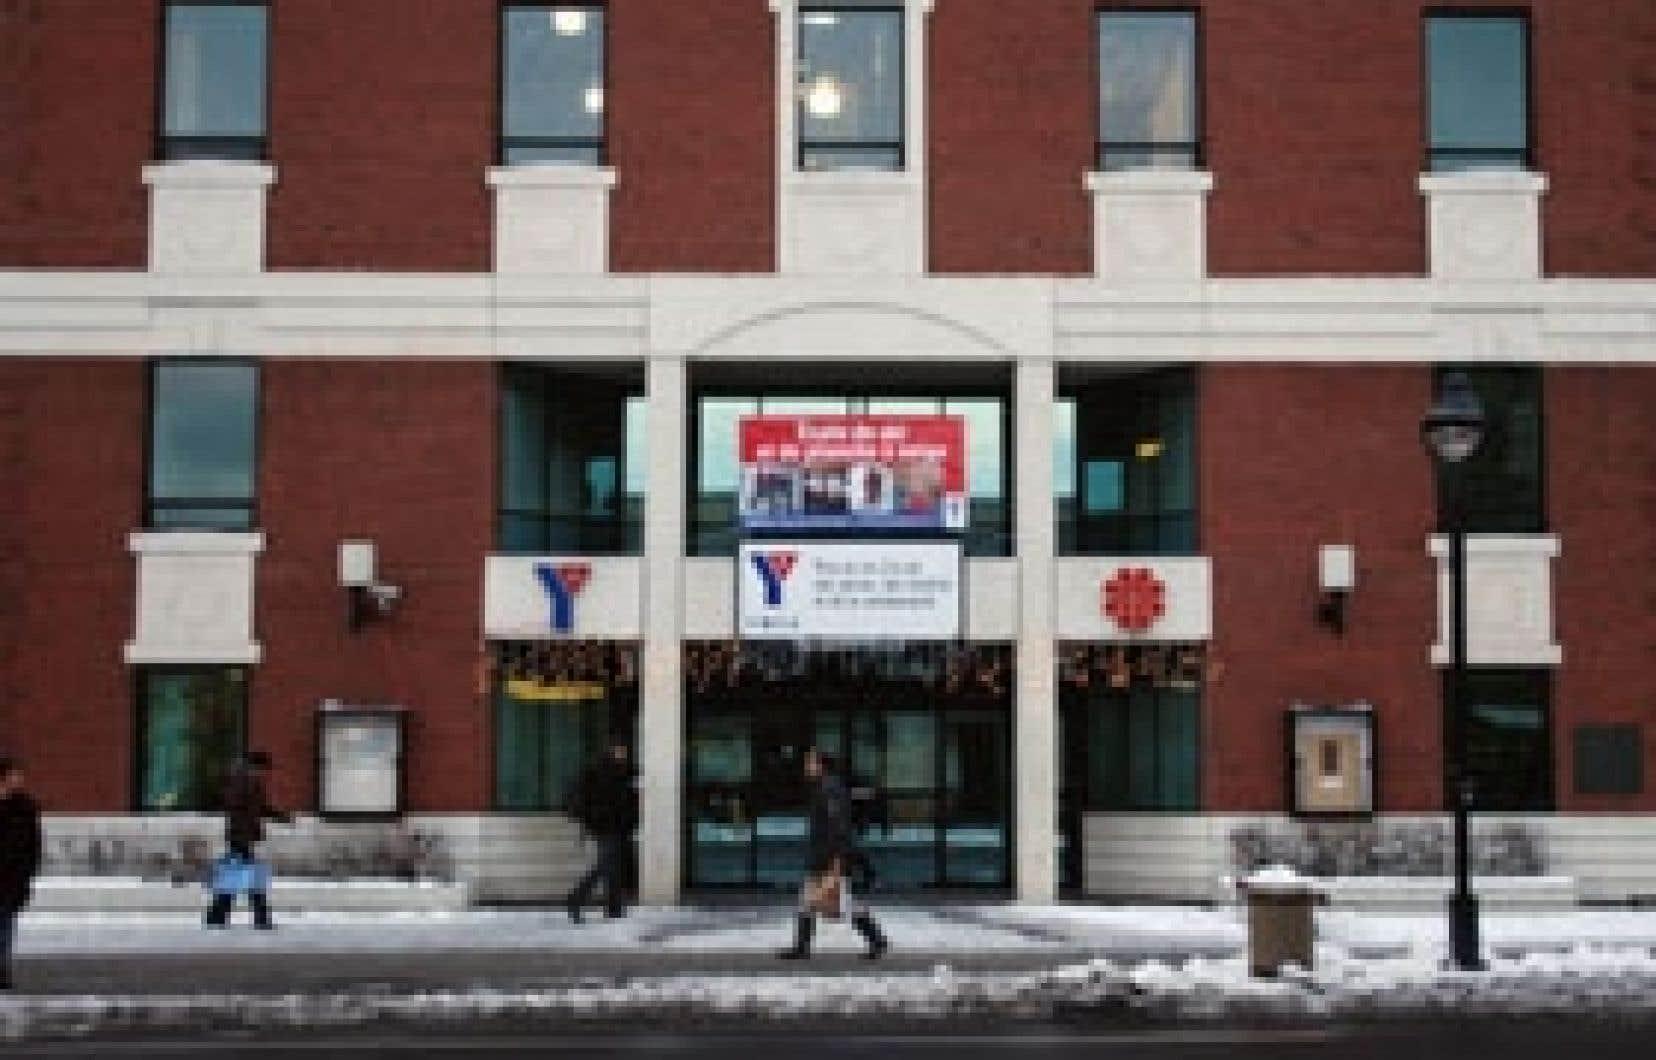 Le YMCA du Parc est au coeur d'une controverse depuis l'installation de fenêtres givrées pour satisfaire la communauté juive hassidique.